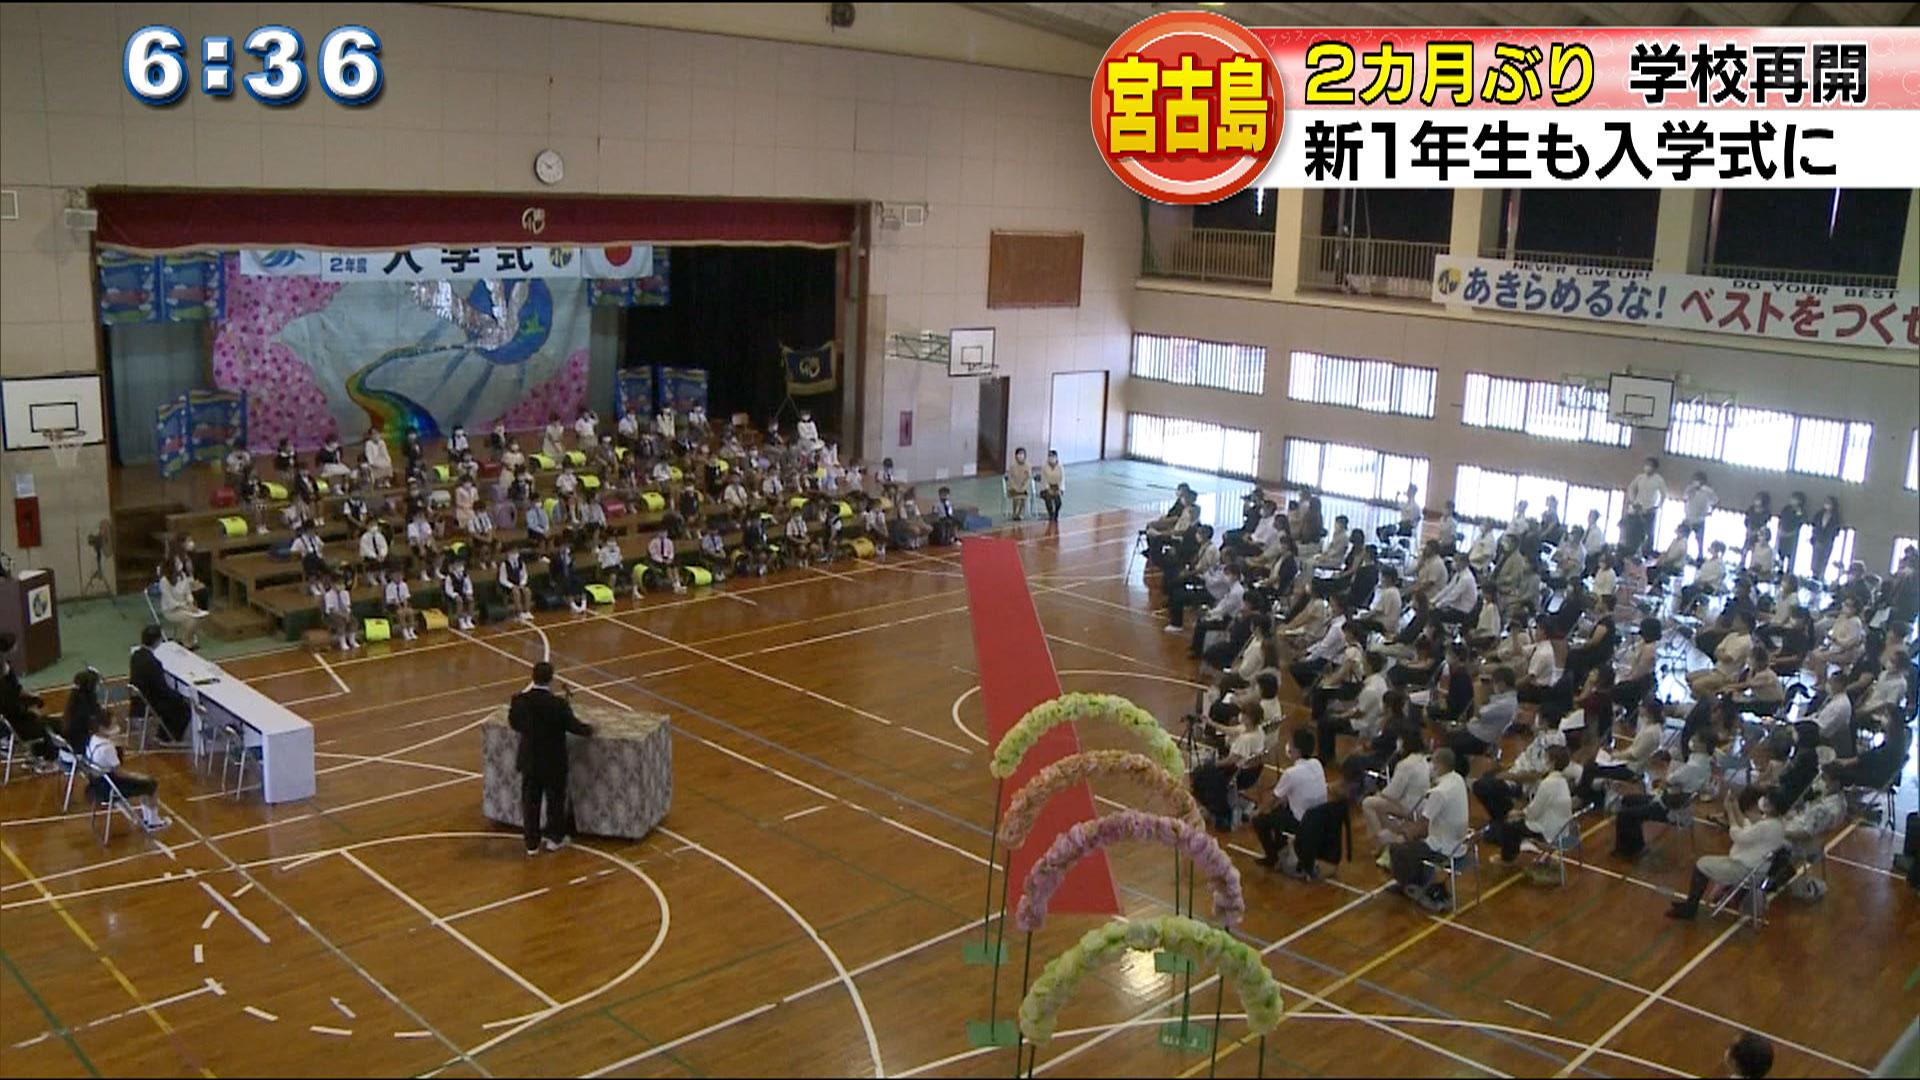 宮古島市で小学校再開 2カ月半ぶりに元気な声